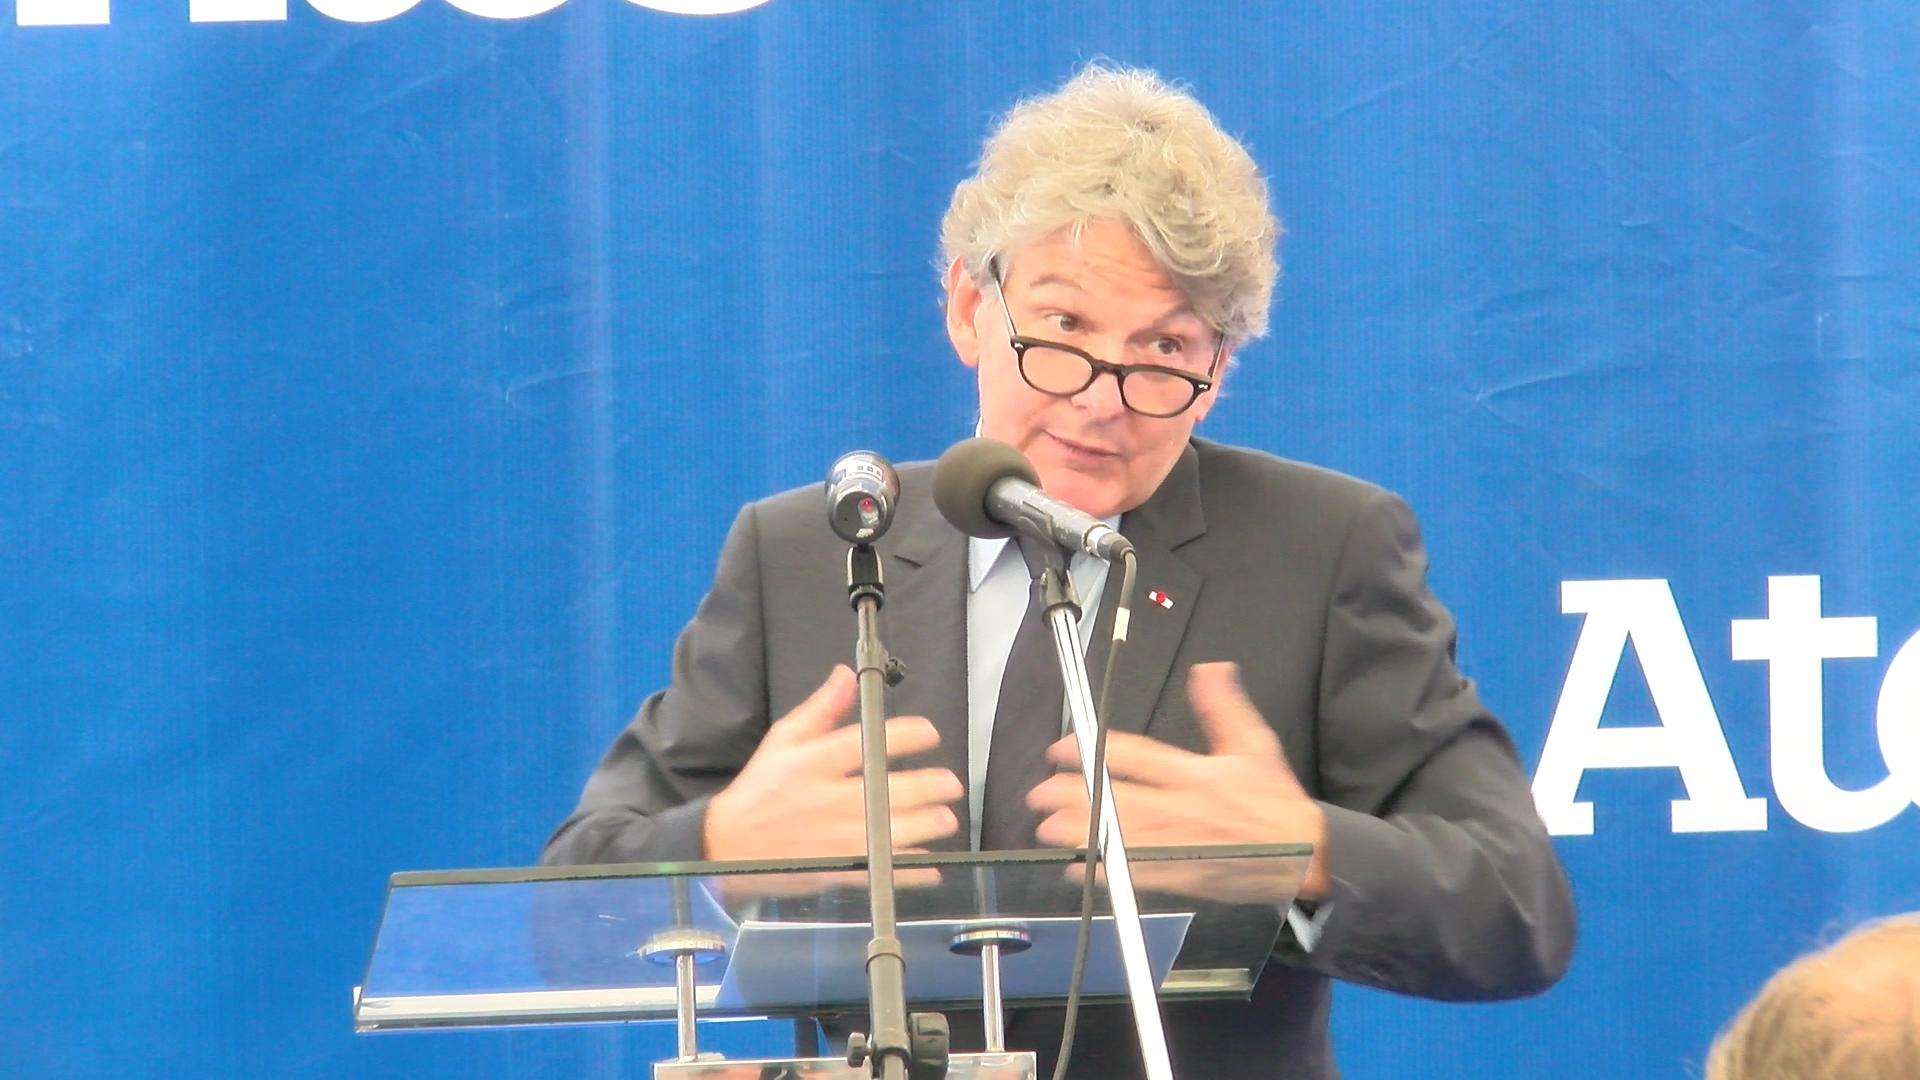 Inauguration du Centre Numérique des Services Atos Sénégal : Thierry Breton promet une réfection du lycée Mariama Bâ